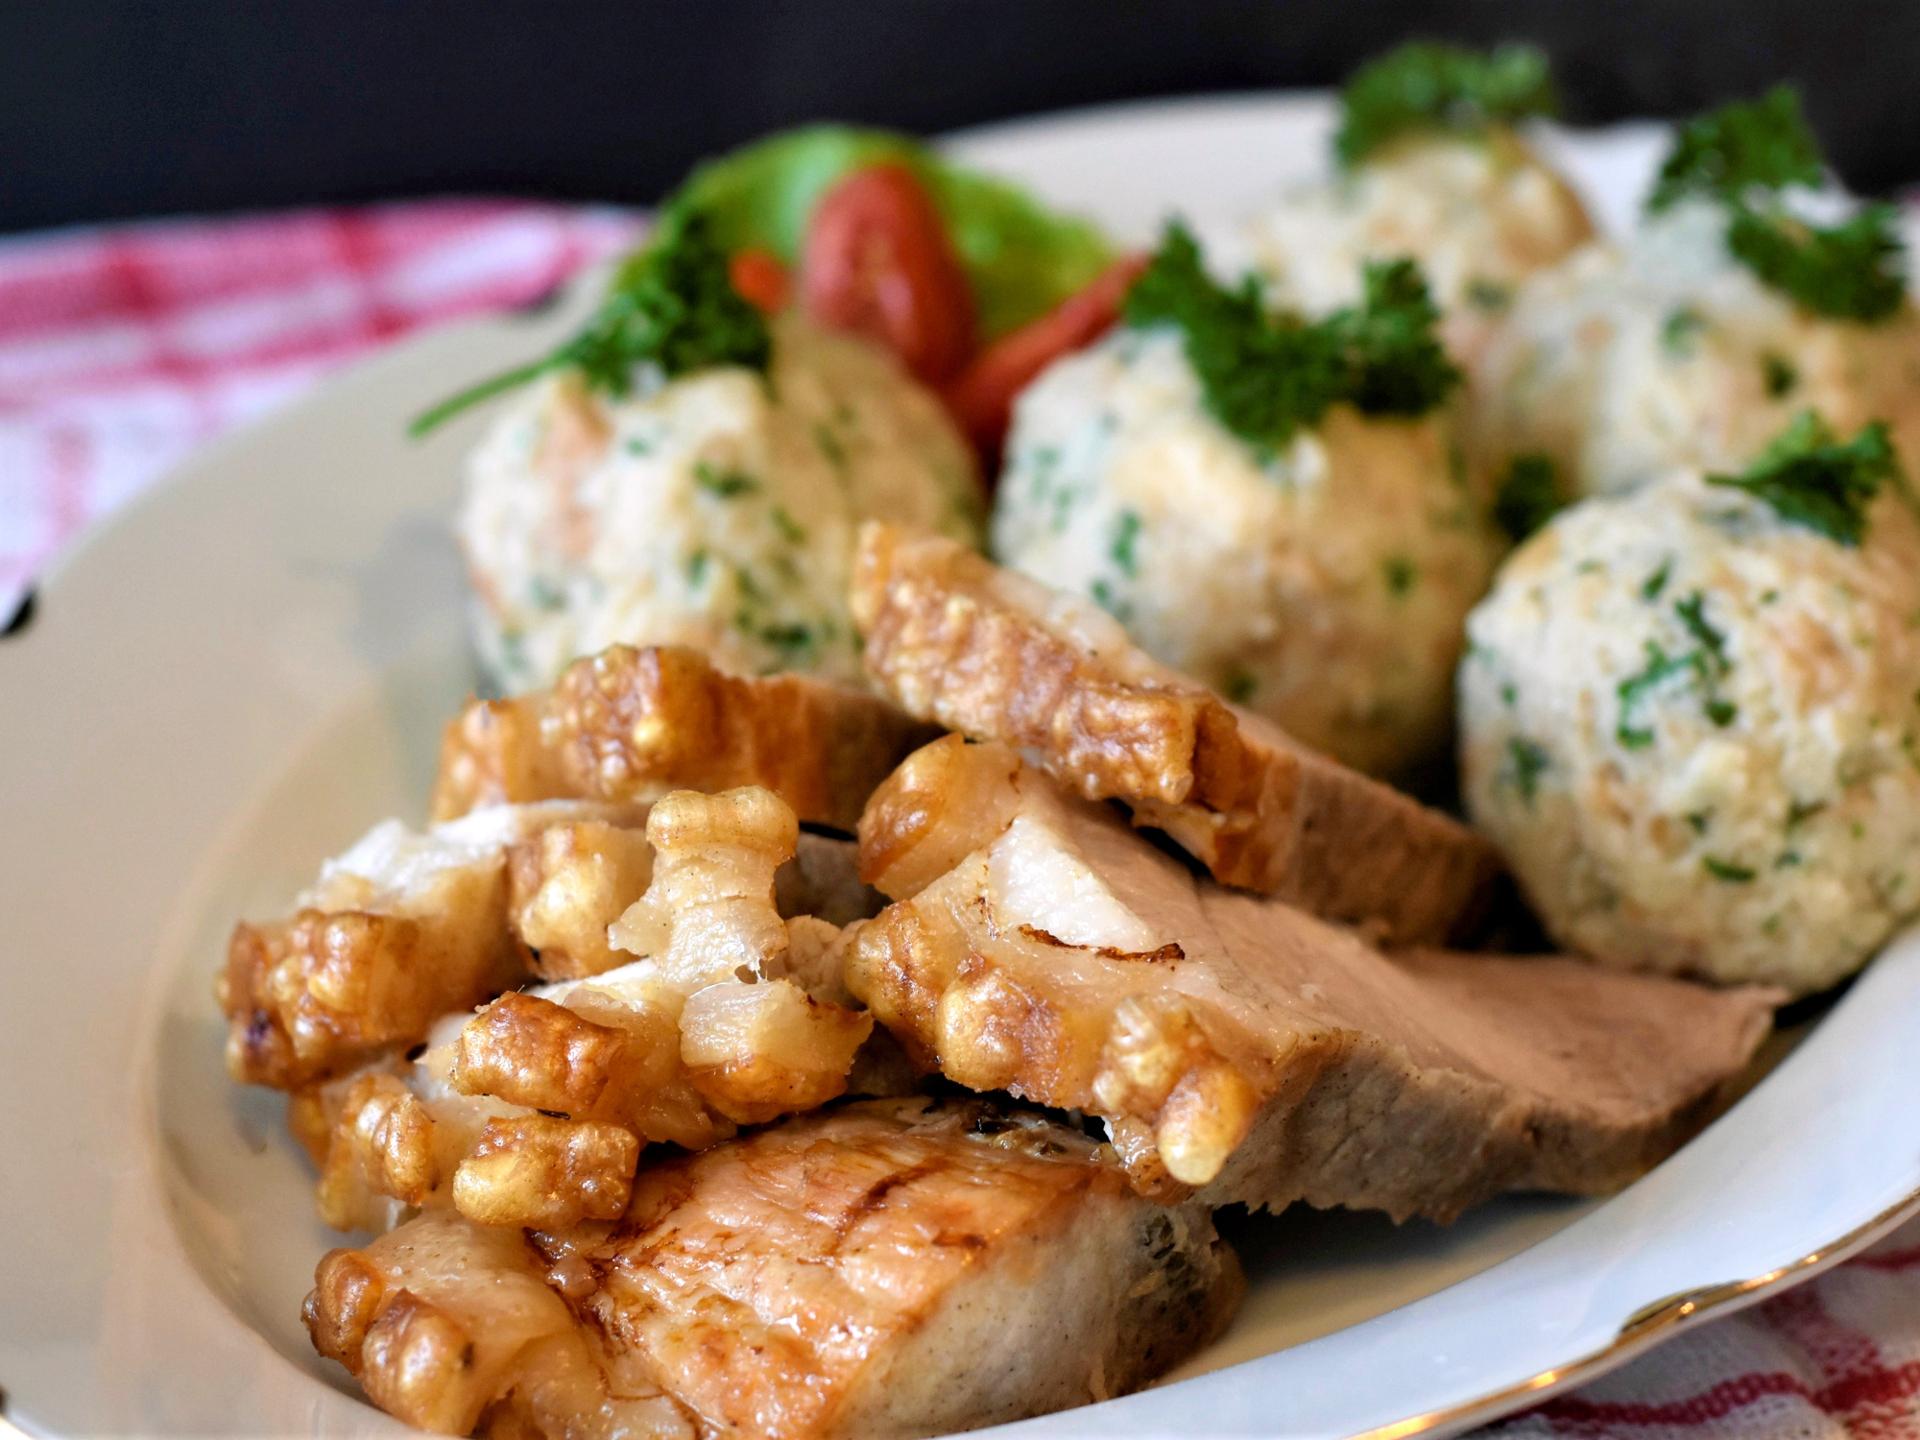 Viele traditionelle Speisen sollten wieder zur Sonntags- anstatt zur Alltagsspeise umgewandelt werden, um den Fleischkonsum zu reduzieren. - Photocredit: pixabay.com/RitaE